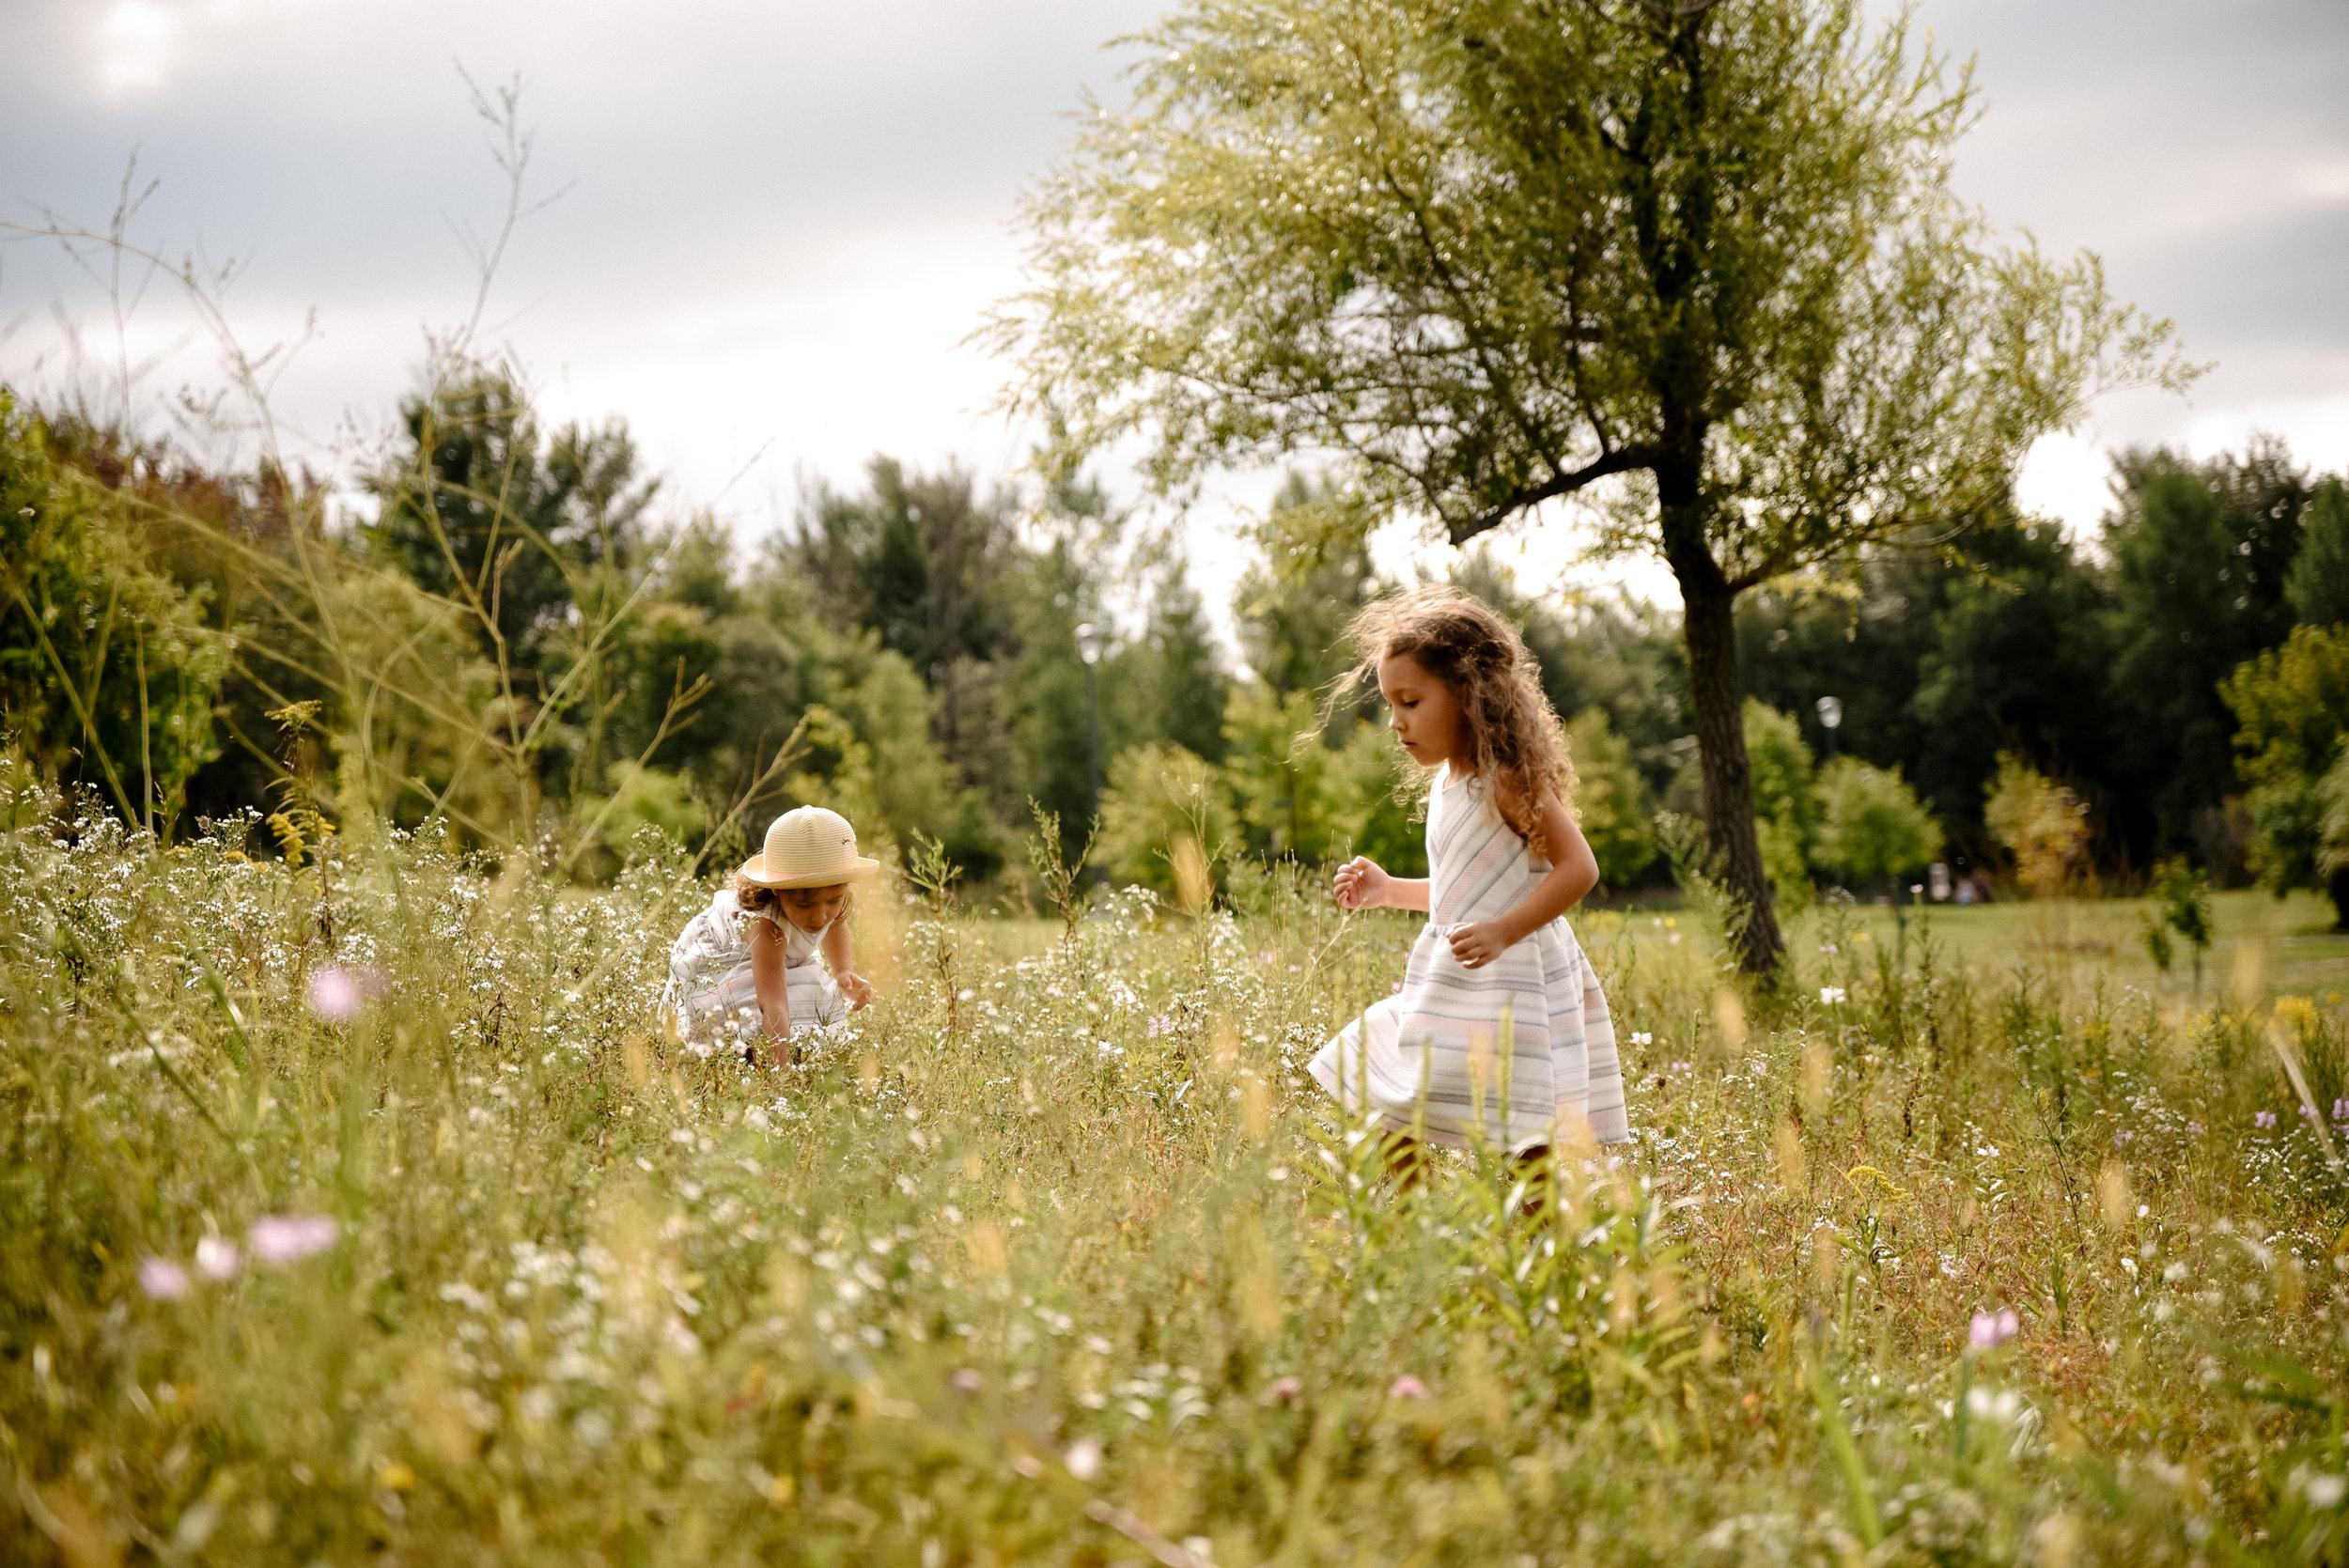 photo-de-deux-soeur-qui-cherchent-des-papillons-dans-un-parc-photographe-lifestyle-famille-et-nouveau-ne-a-montreal-marianne-charland-388.jpg